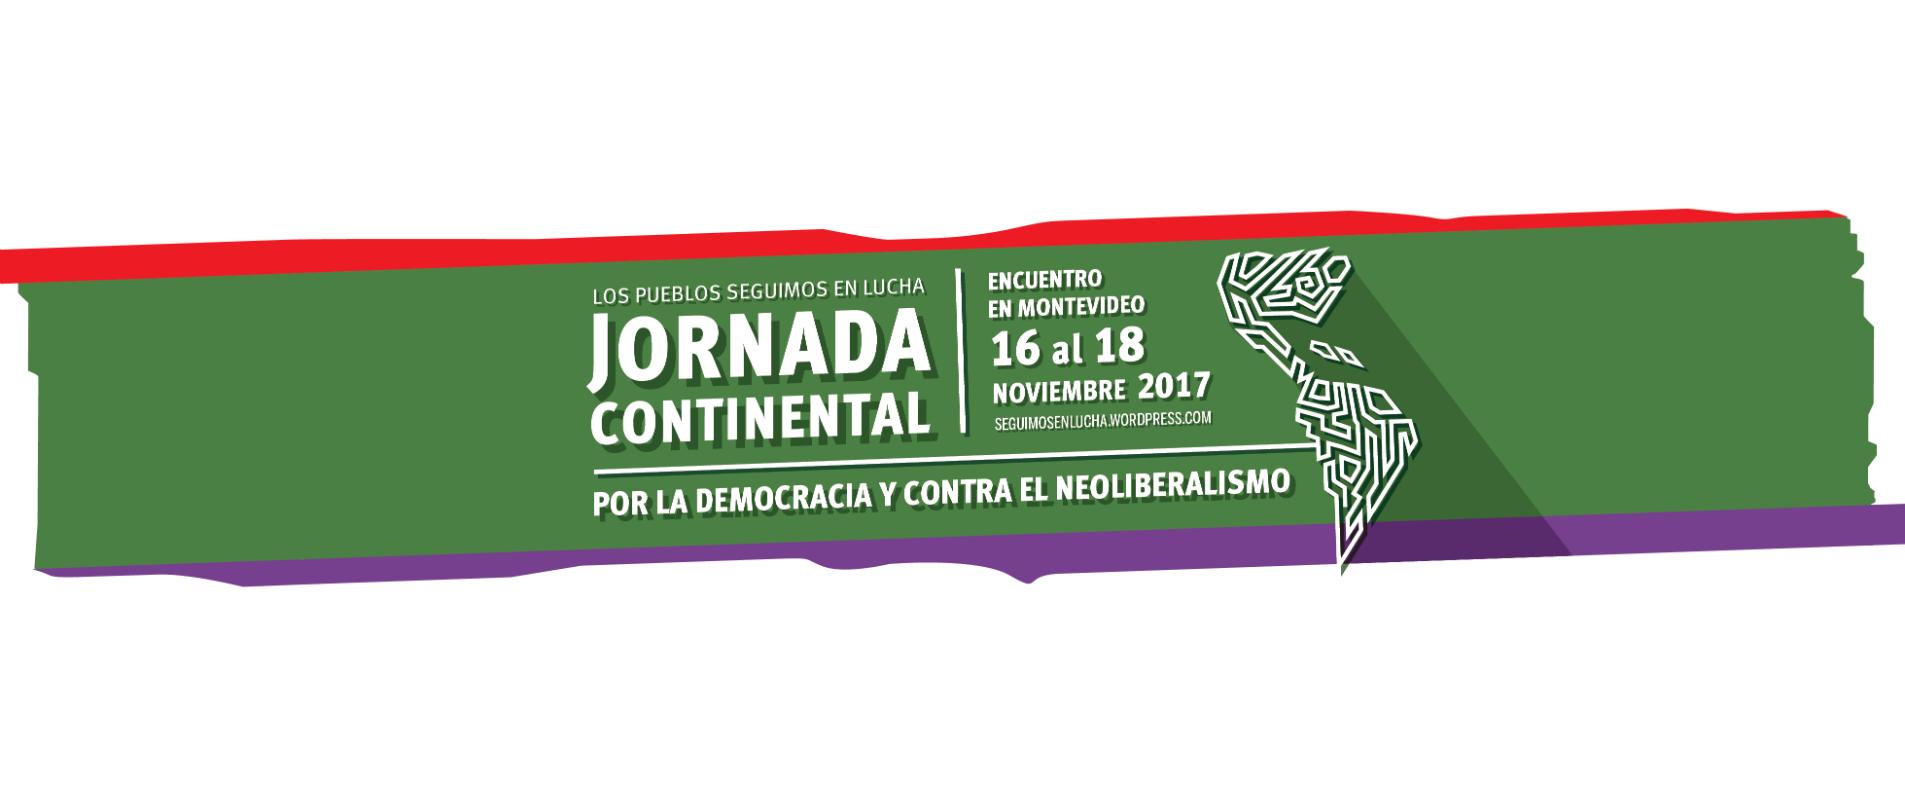 (IMAGEN) Jornada Continental por la Democracia y contra el neoliberalismo